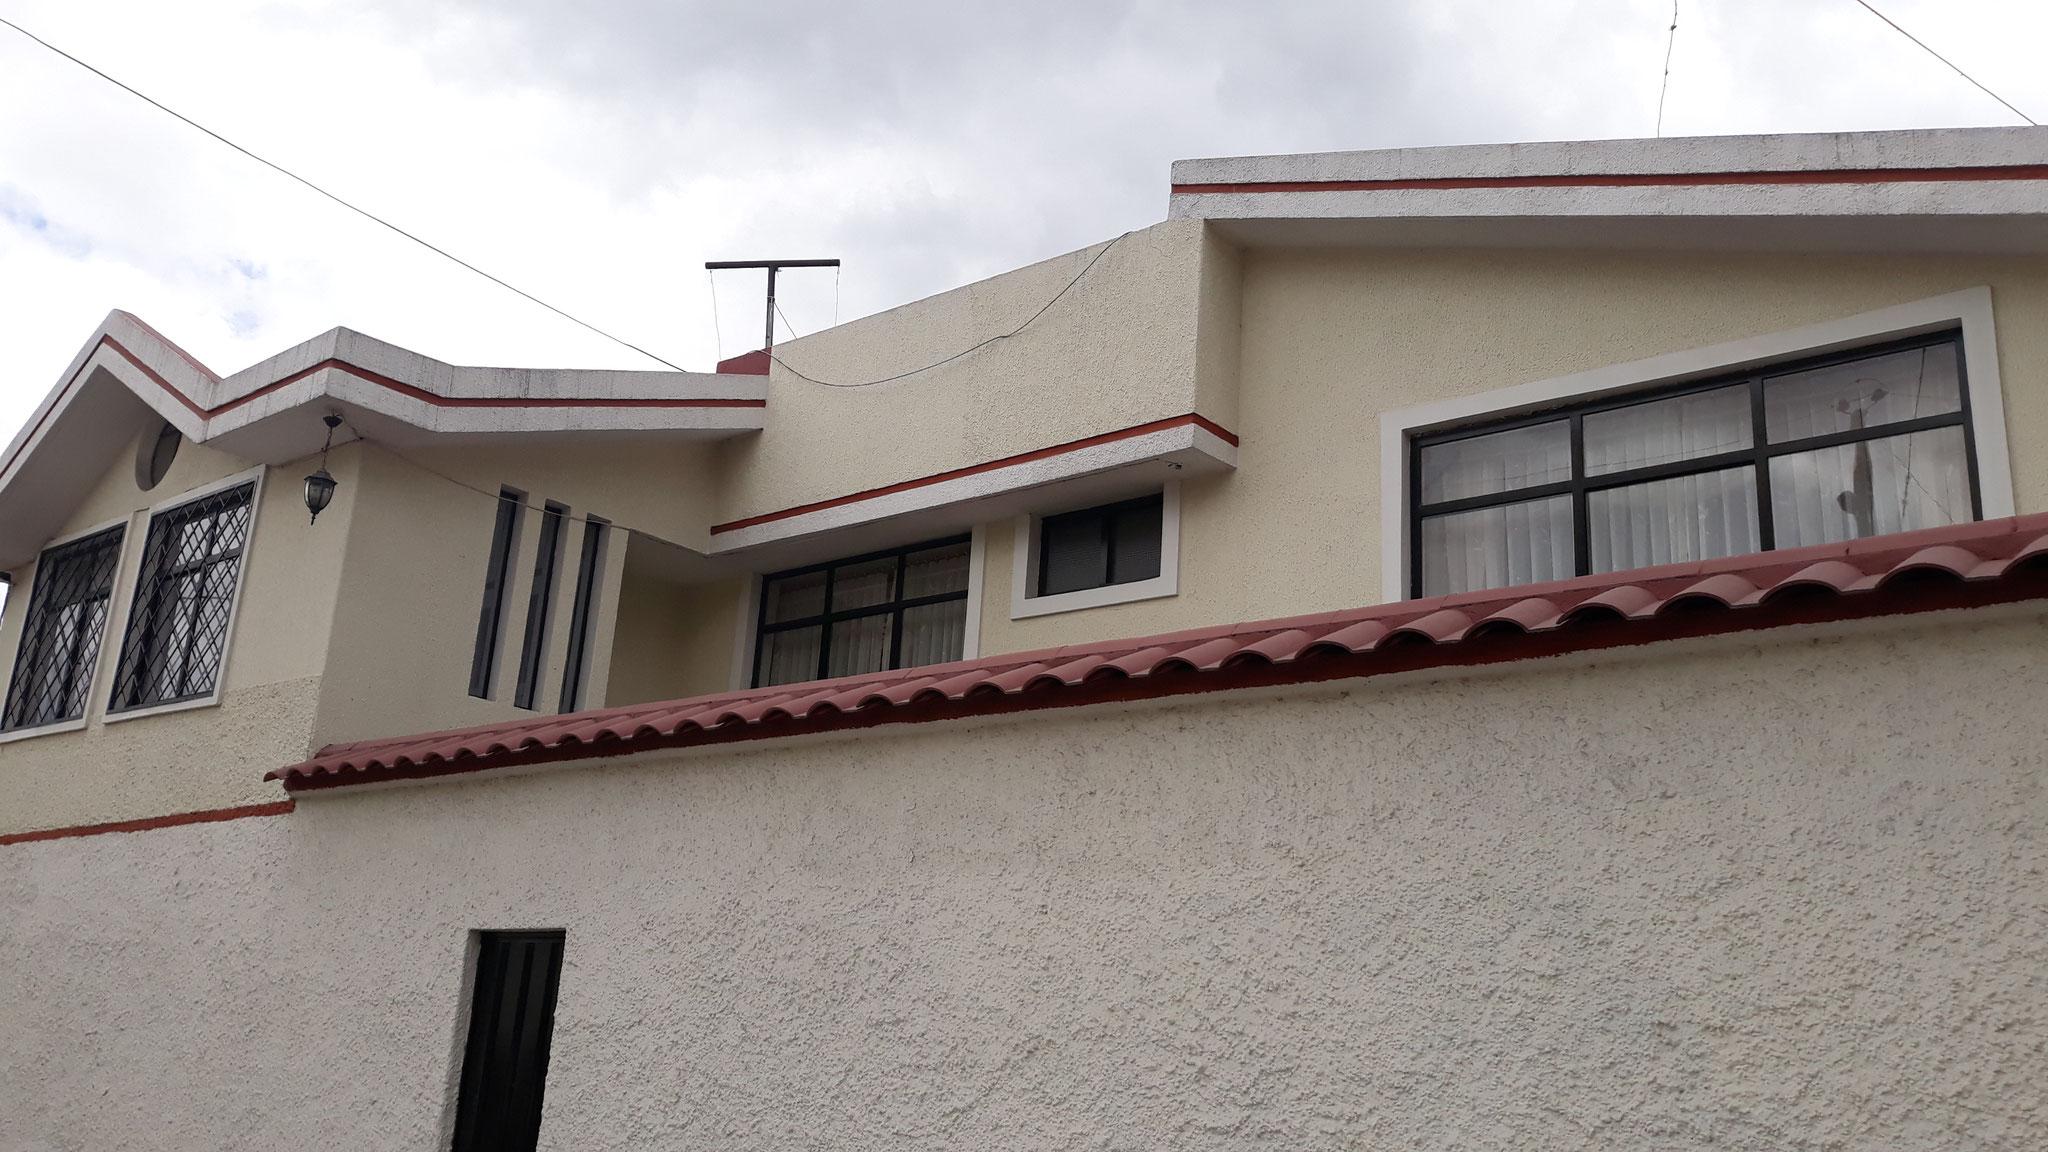 Unsere Wohnung die wir in Ibarra mieteten